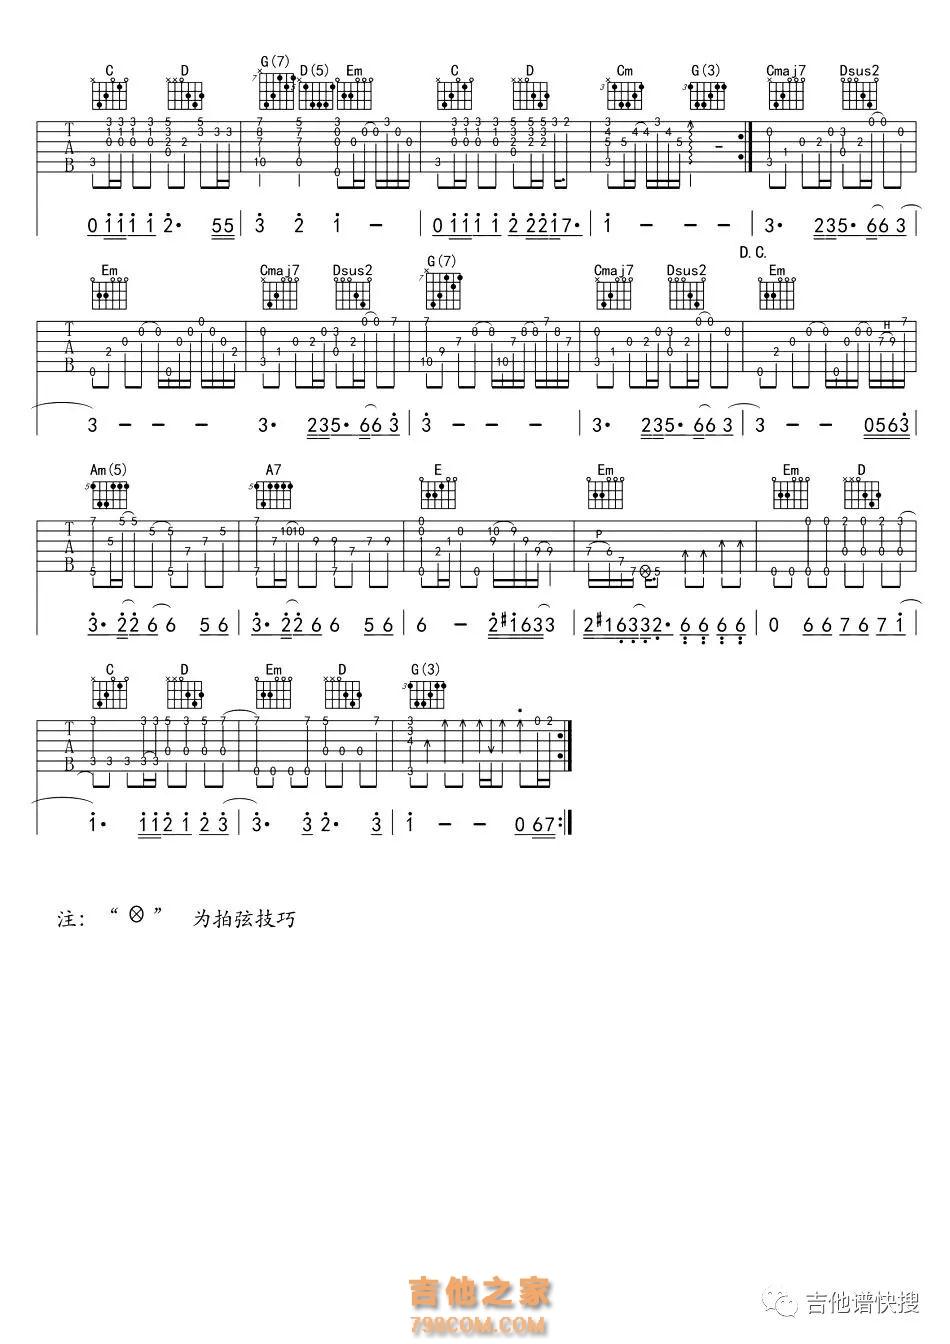 海阔天空文本吉他谱_《海阔天空》海阔天空指弹吉他谱 - 指弹吉他谱 - 吉他之家